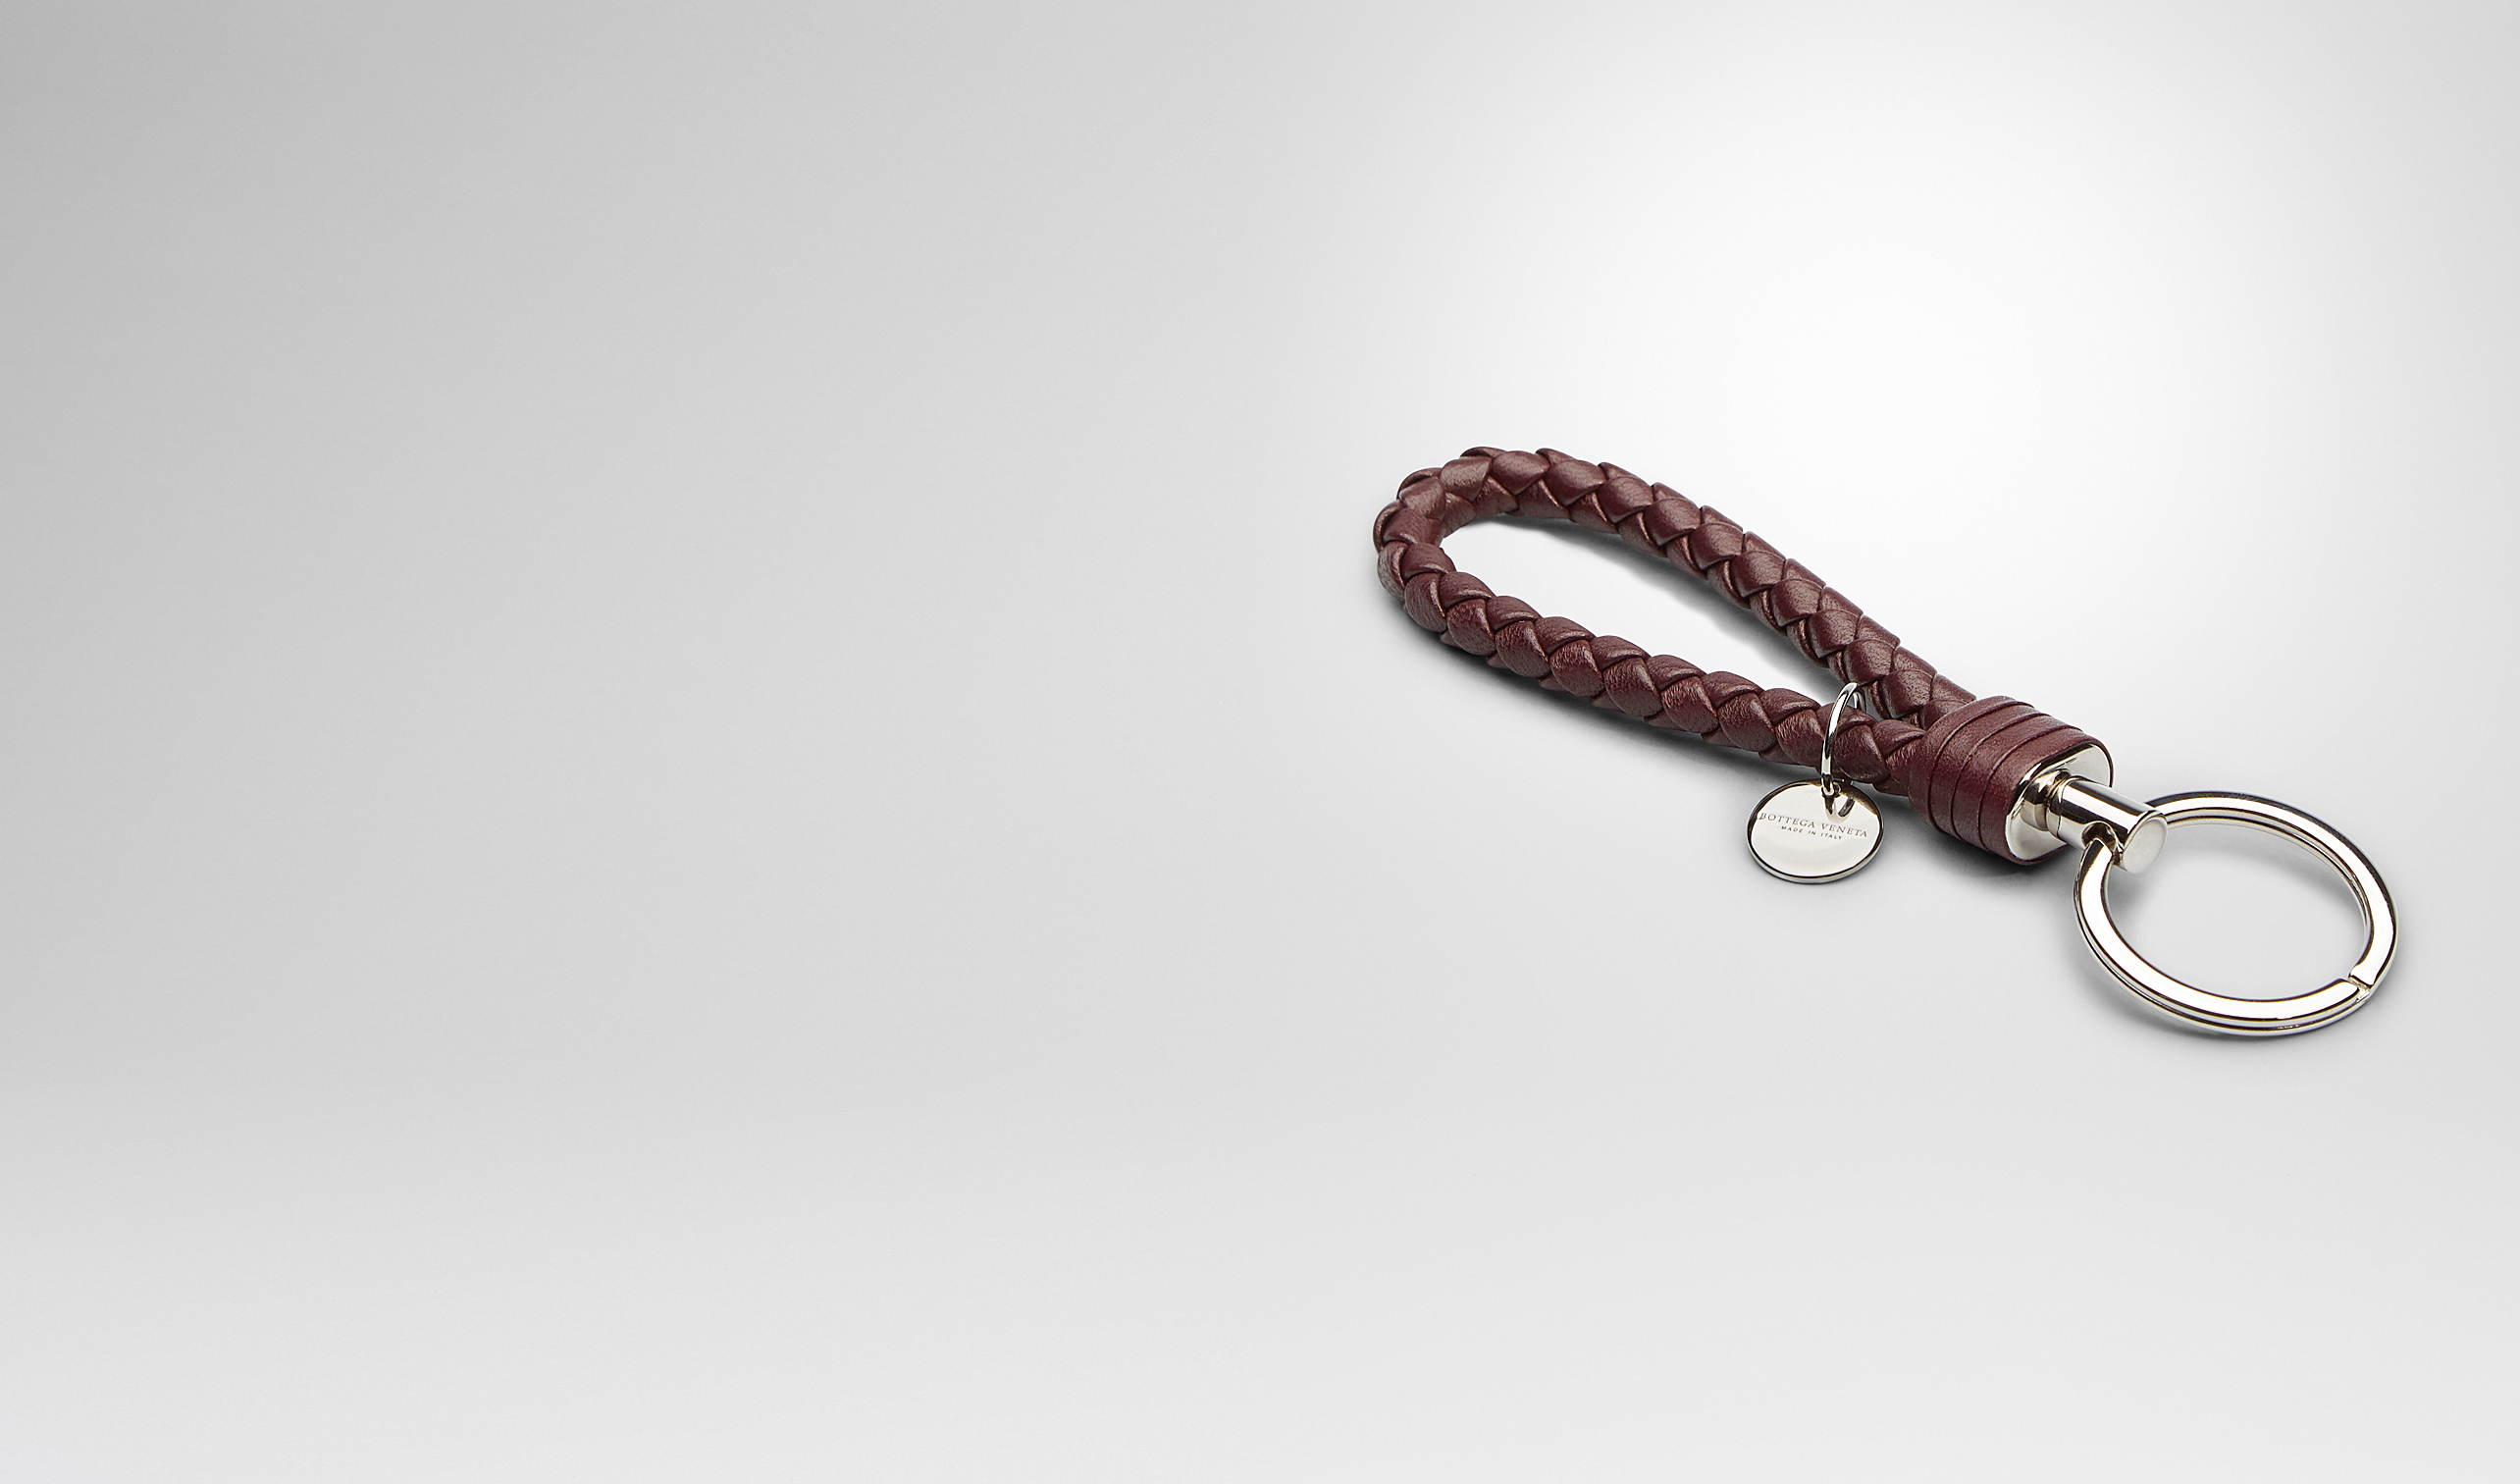 BOTTEGA VENETA Schlüsselring oder Armband E SCHLÜSSELANHÄNGER AUS NAPPALEDER INTRECCIATO AUBERGINE pl